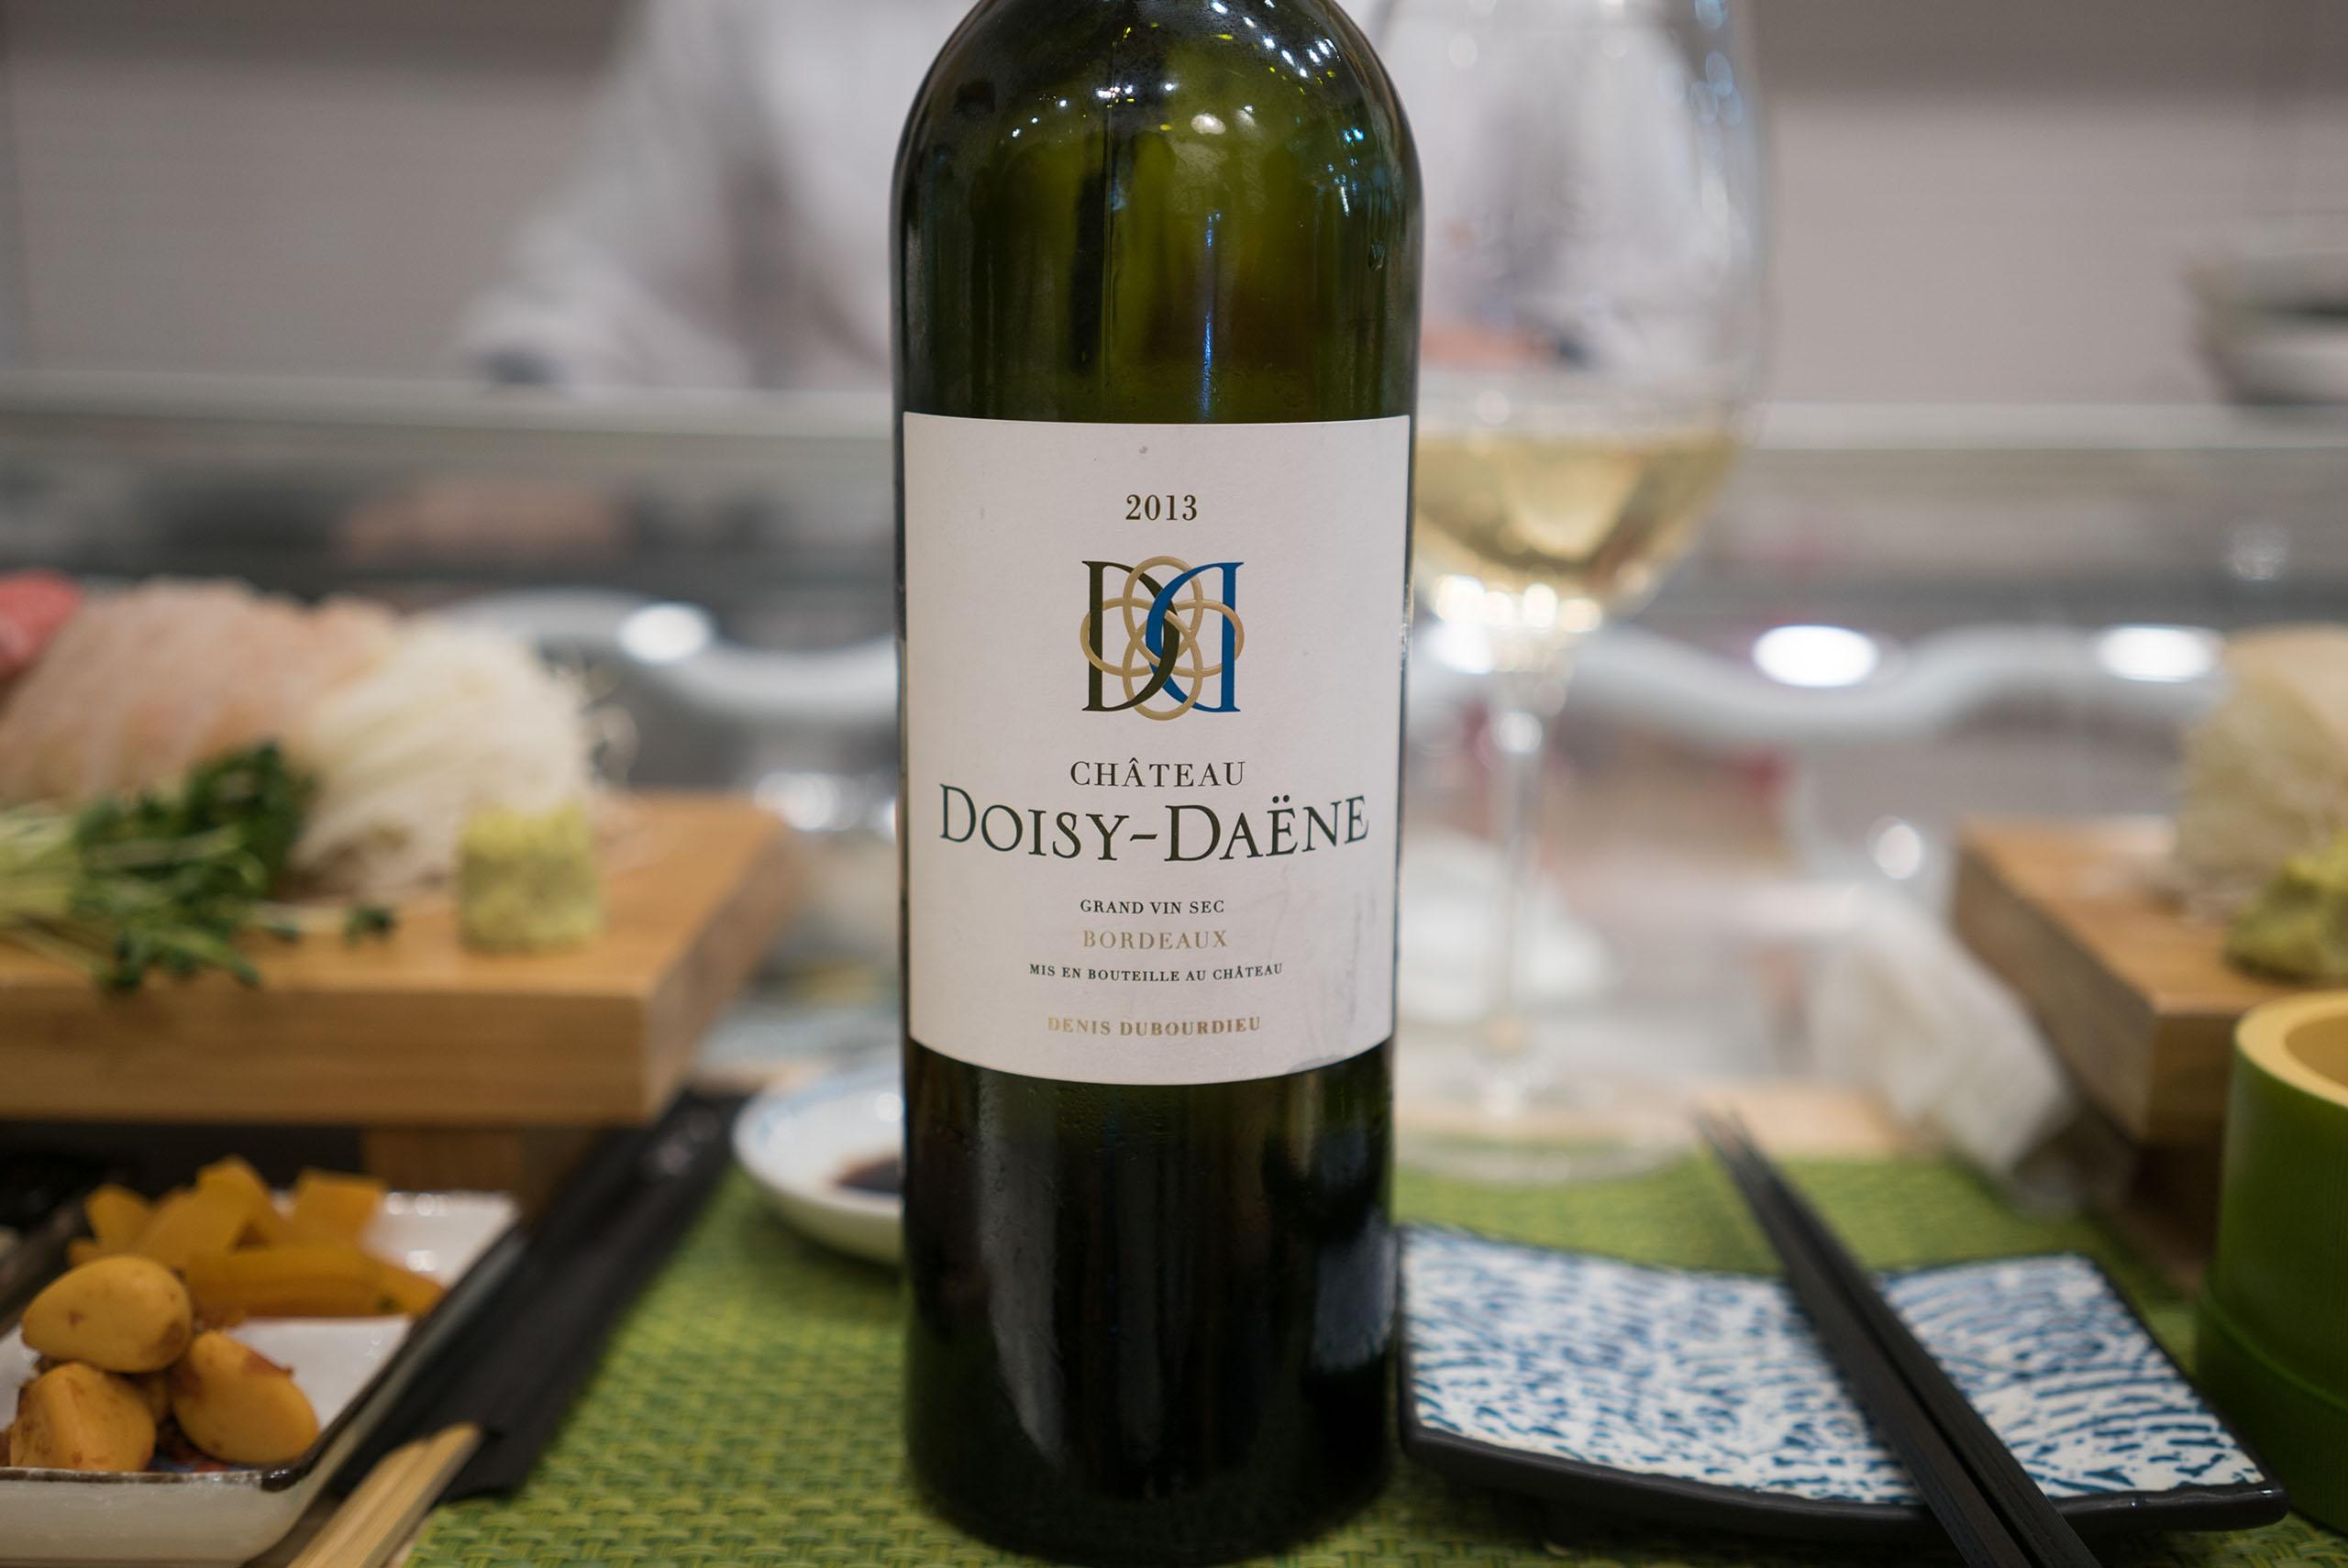 Chateau Doisy-Daene, Grand Vin Sec Bordeaux Denis Dubourdieu 2013